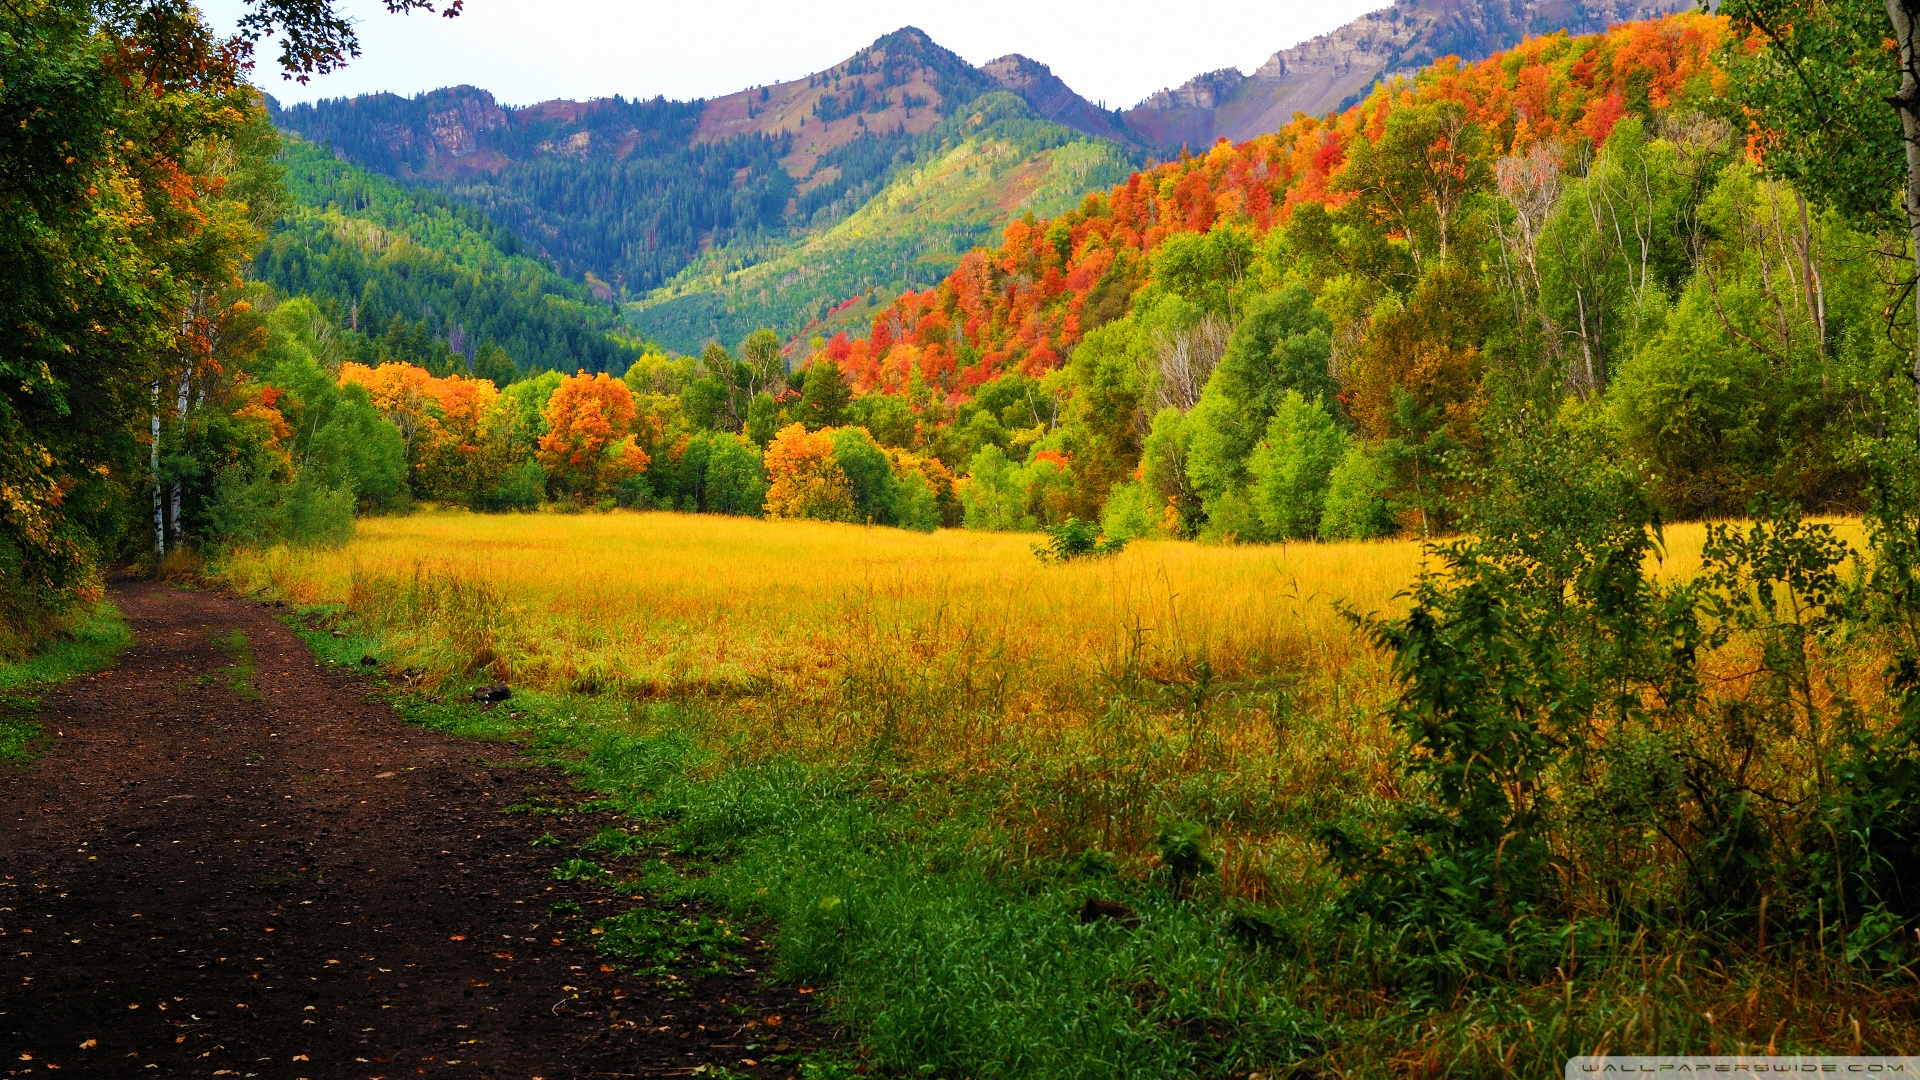 ... Canyon Fall Colors Wallpaper 1920x1080 Provo, Canyon, , , Fall, Colors